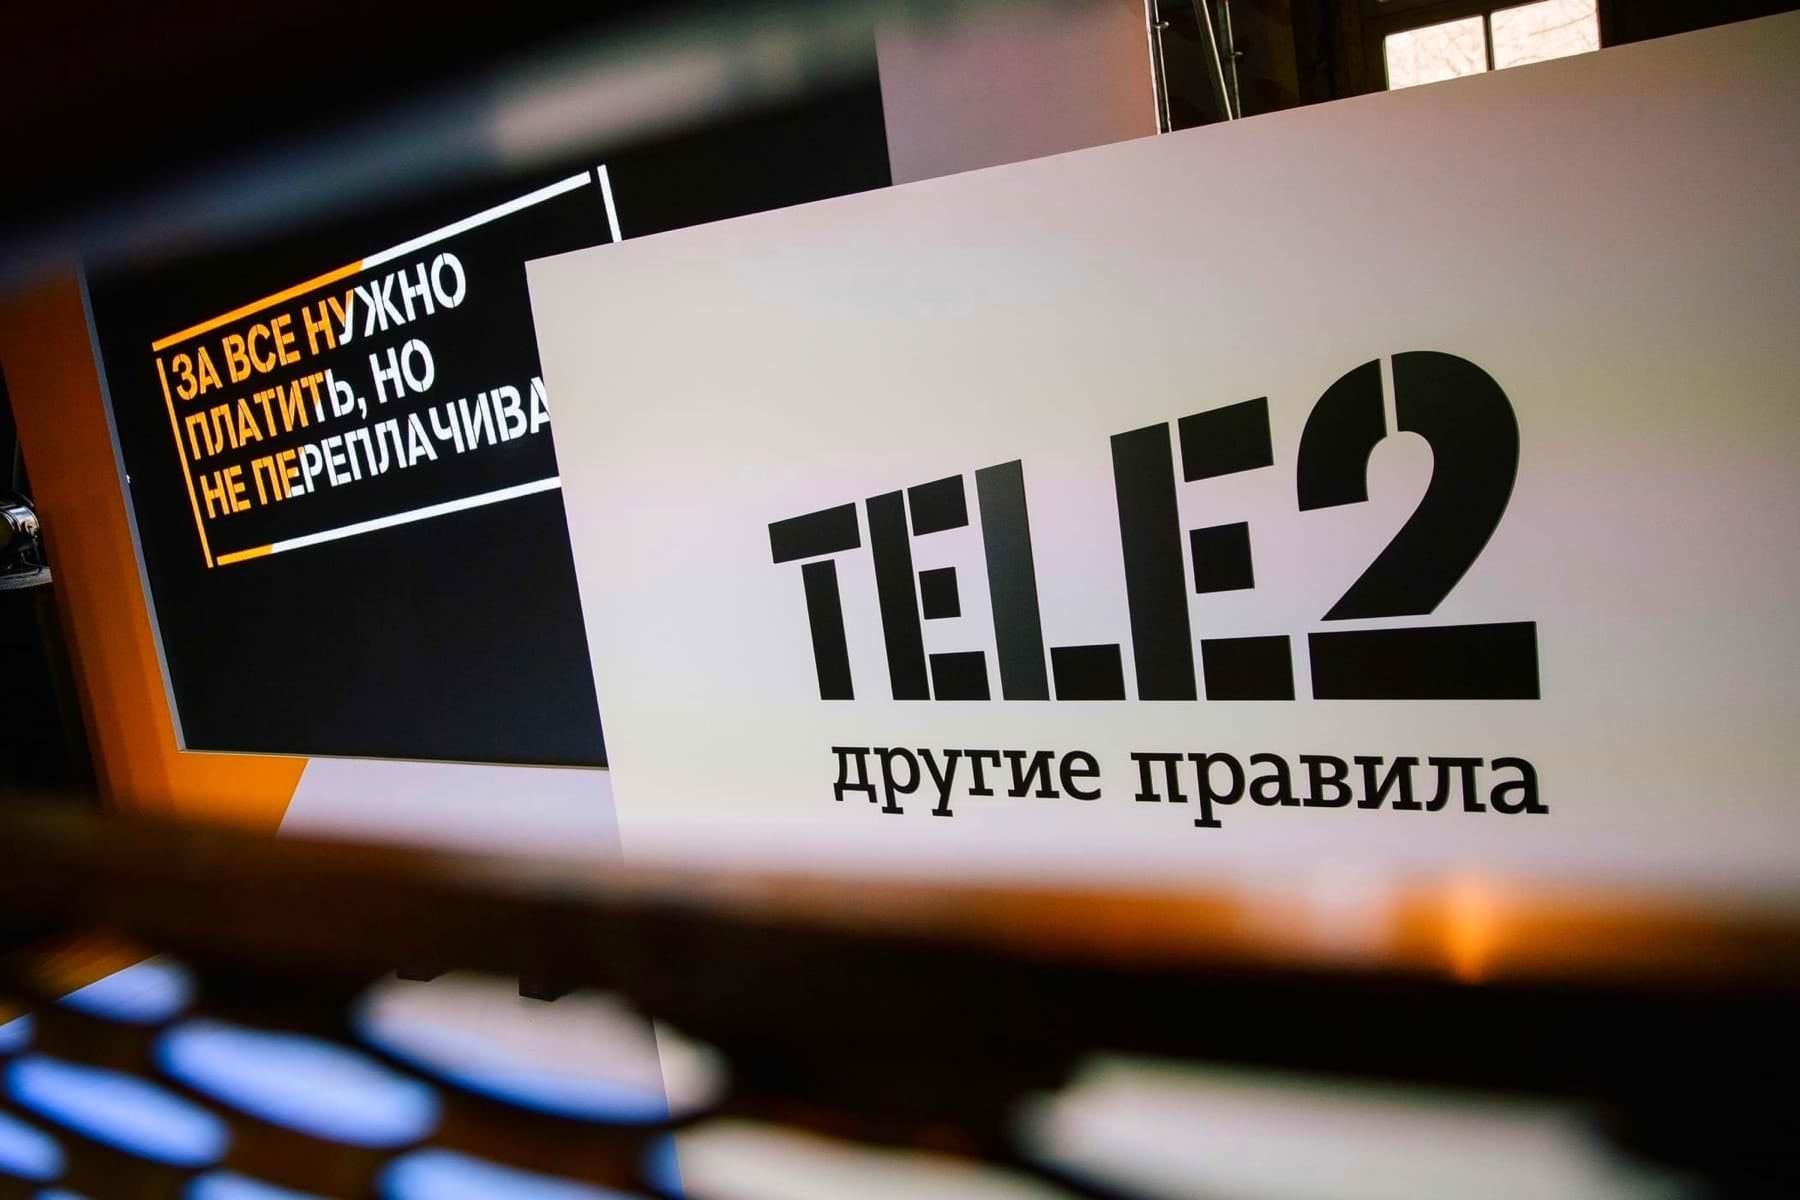 Сотовый оператор Tele2 запустил самый лучший тарифный план на крайне выгодных условиях